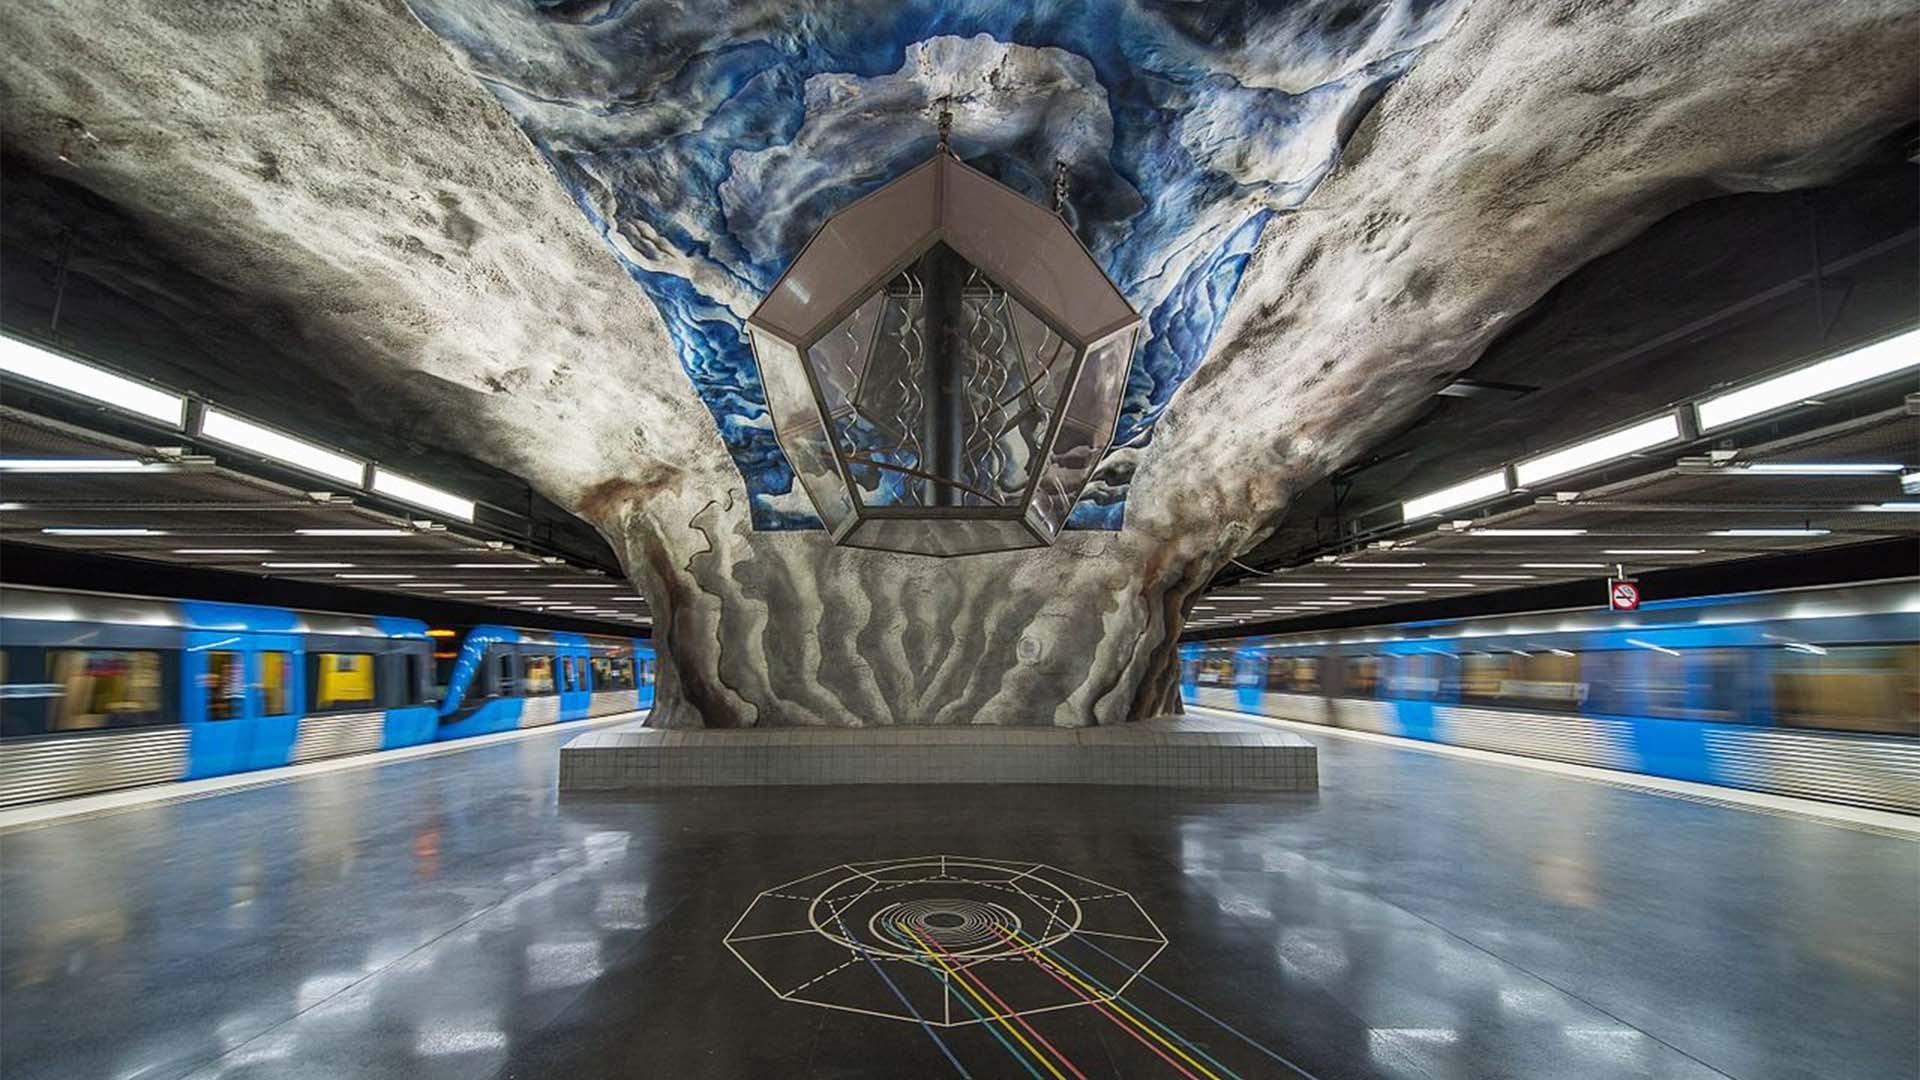 Art at Tekniska Högskolan metro station, Stockholm